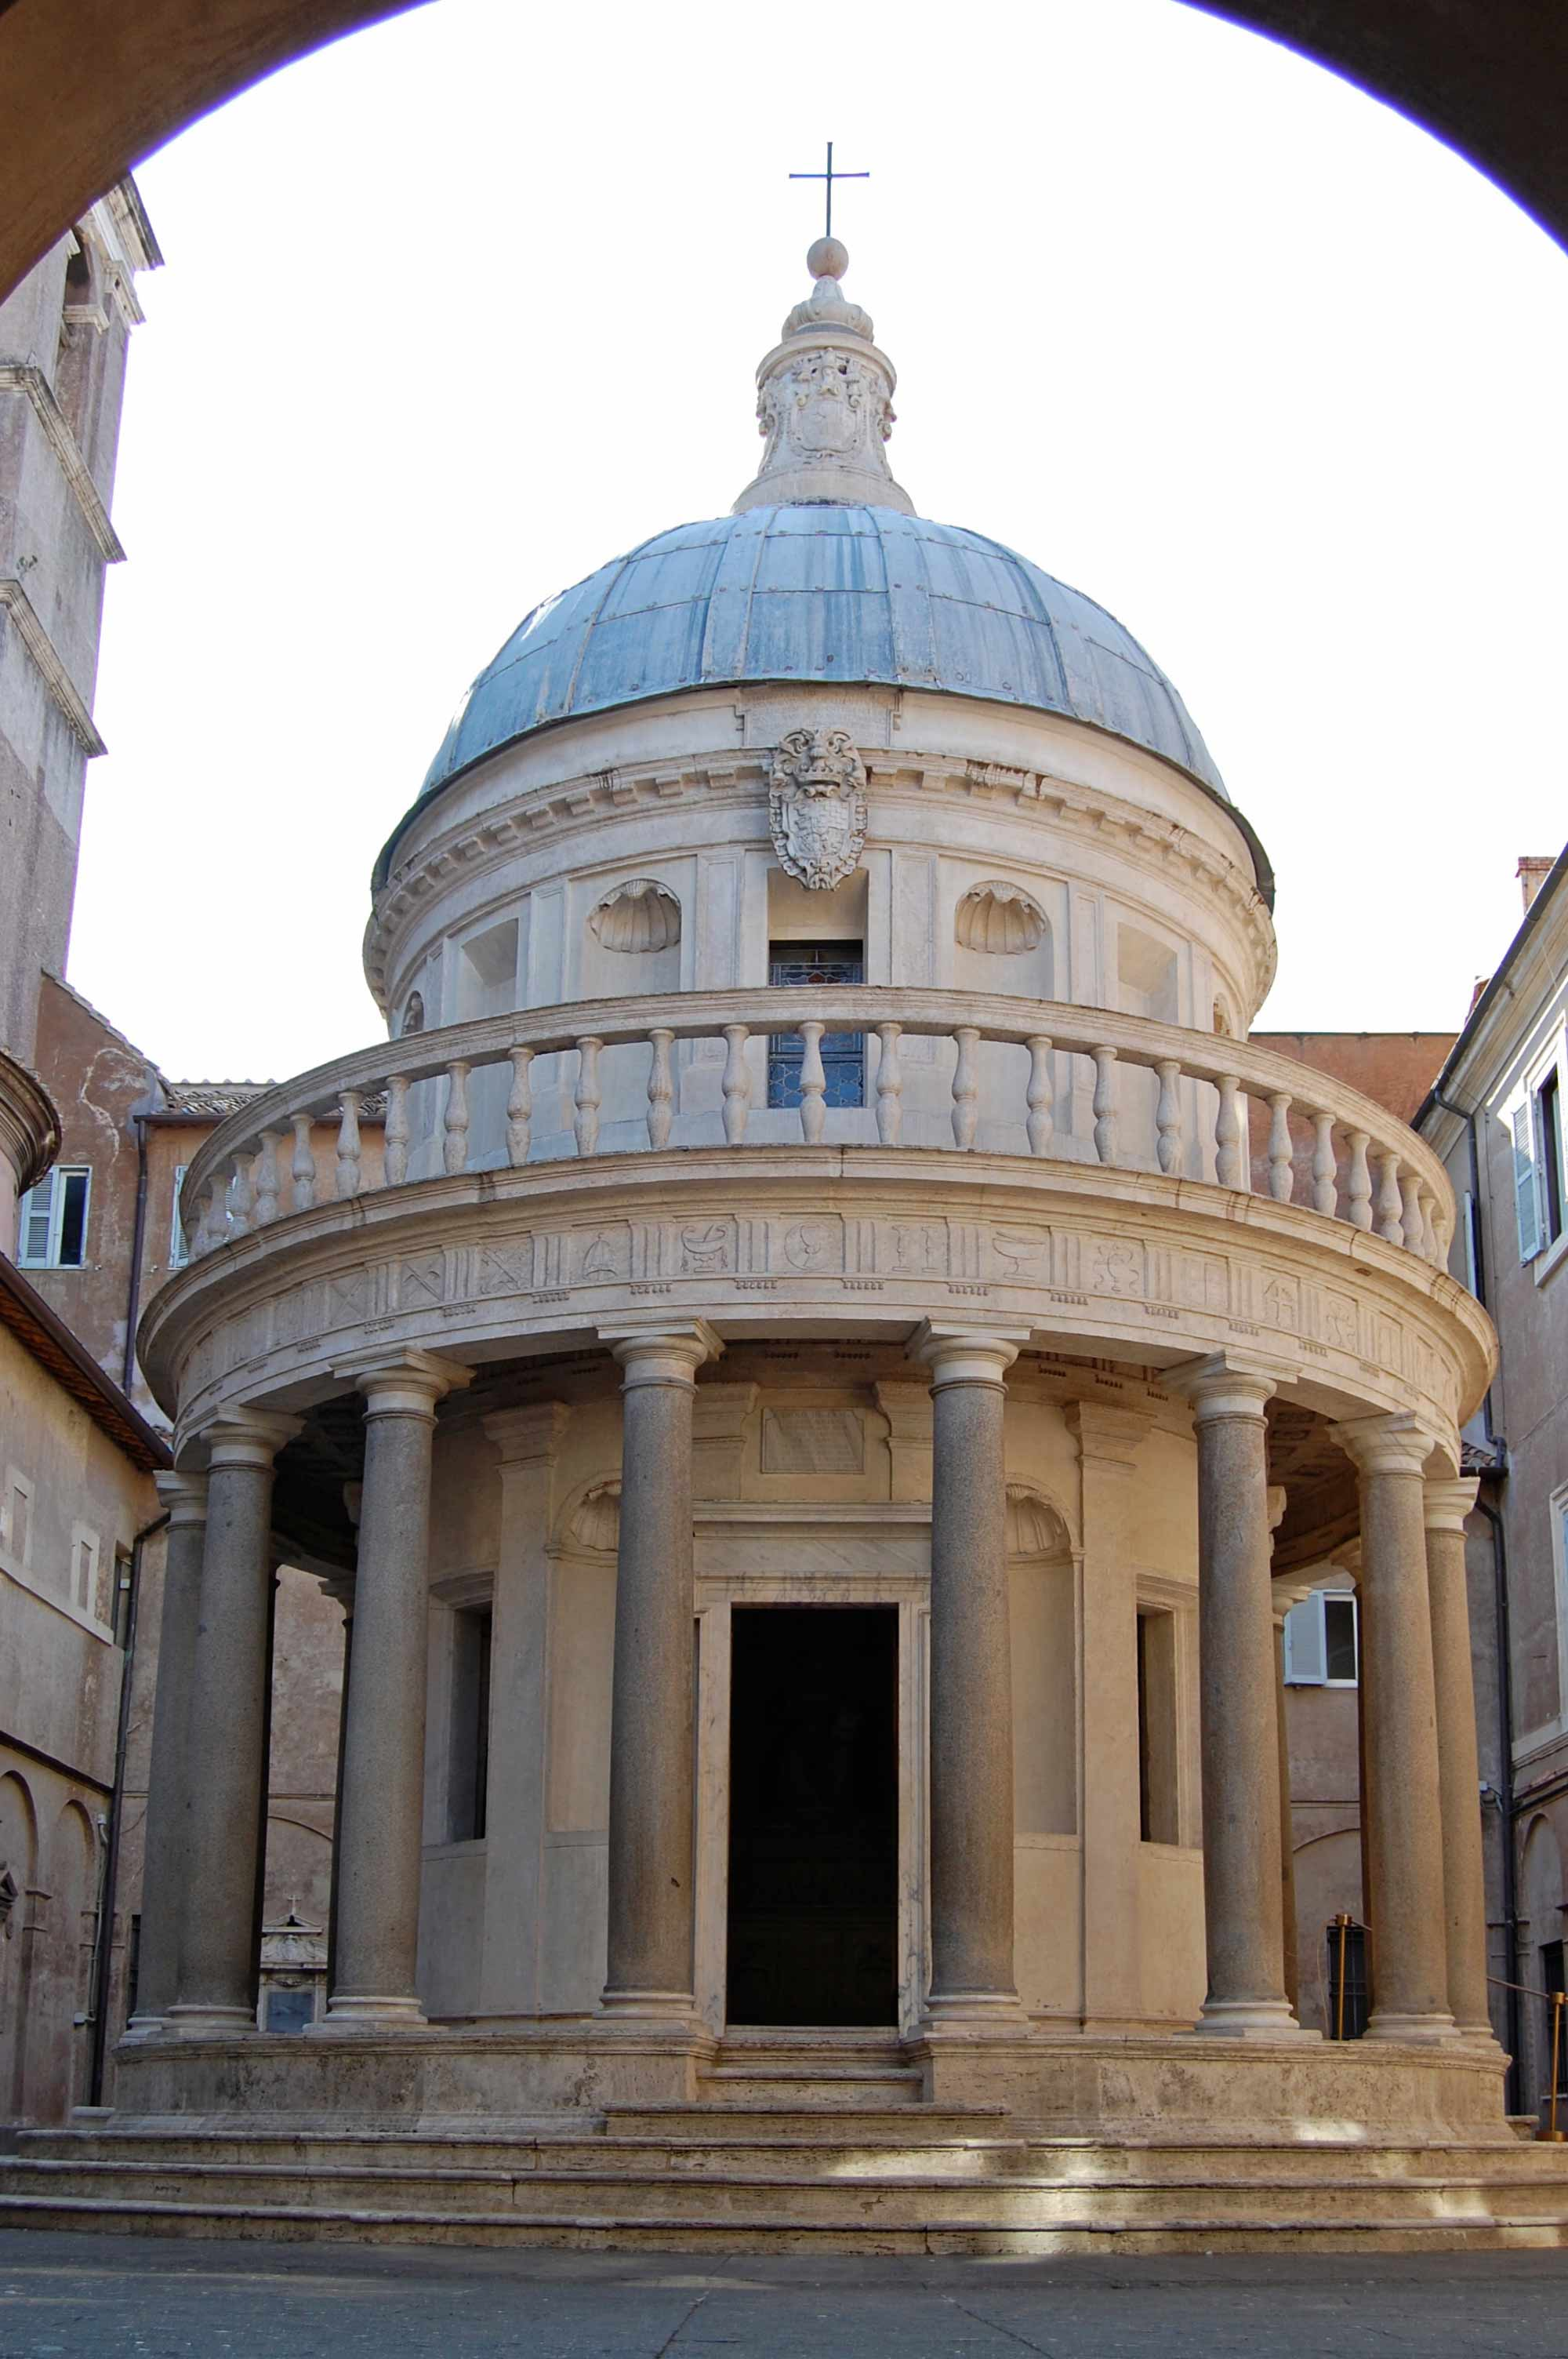 Tempietto - Rome